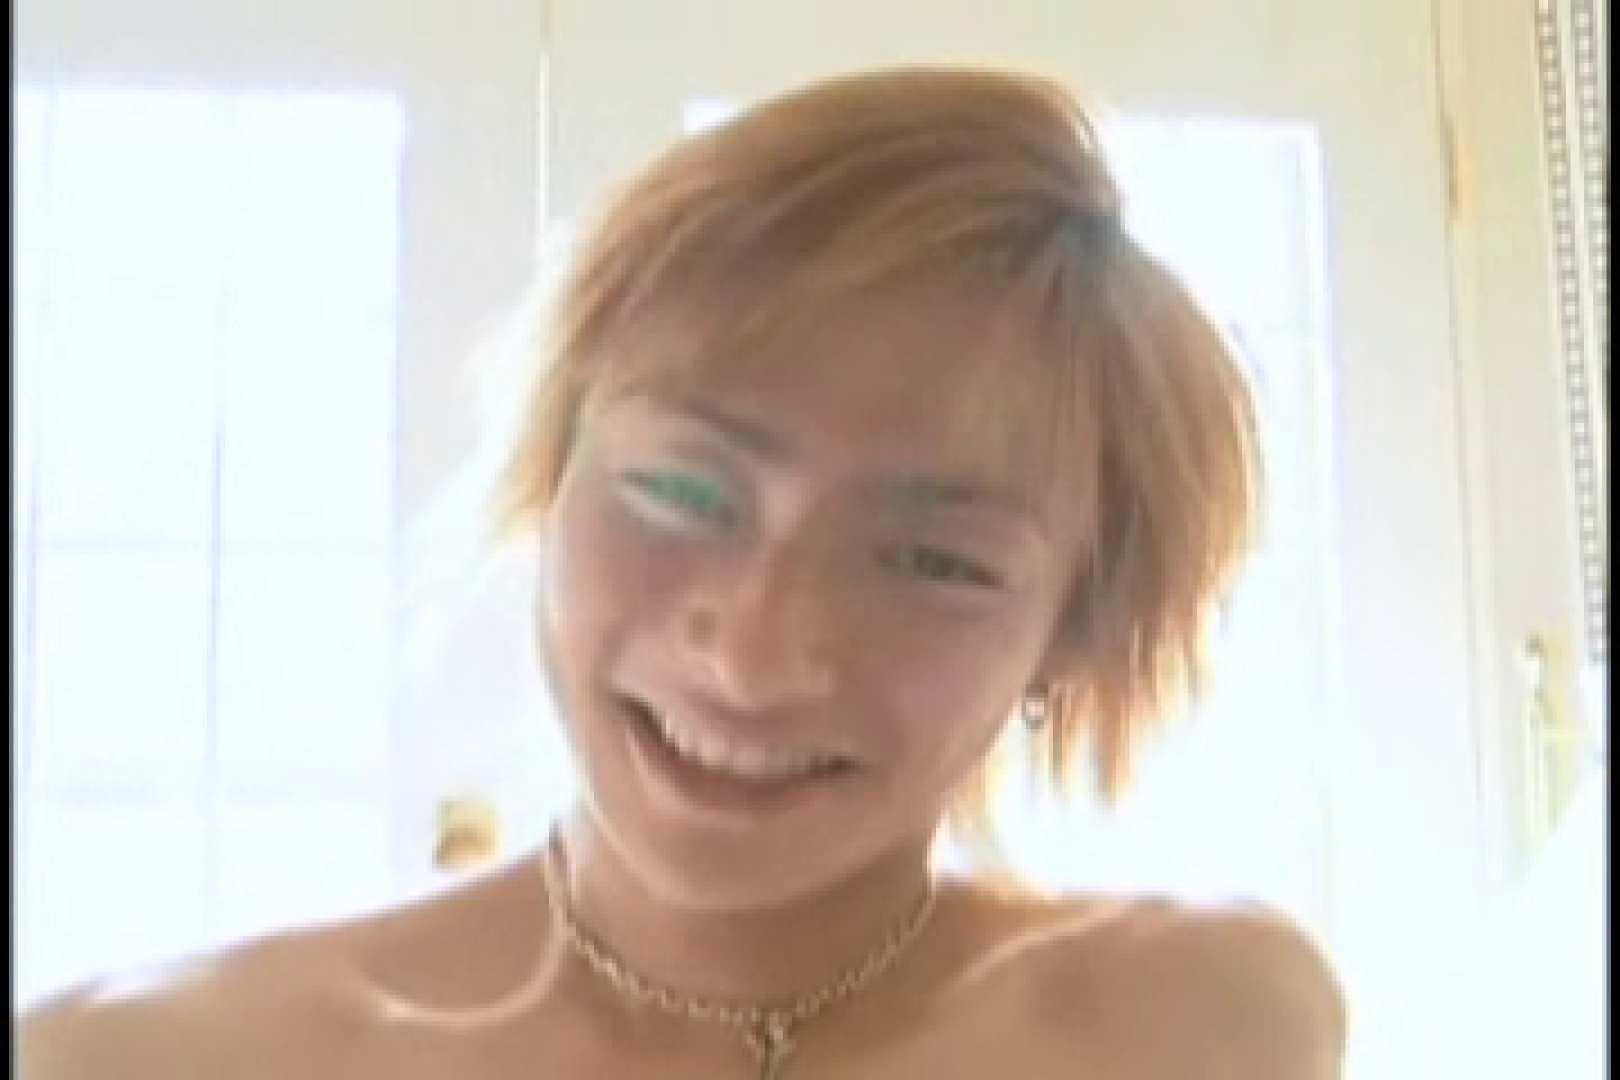 イケメン☆パラダイス〜男ざかりの君たちへ〜vol.32 ケツマン ゲイAV画像 7枚 4